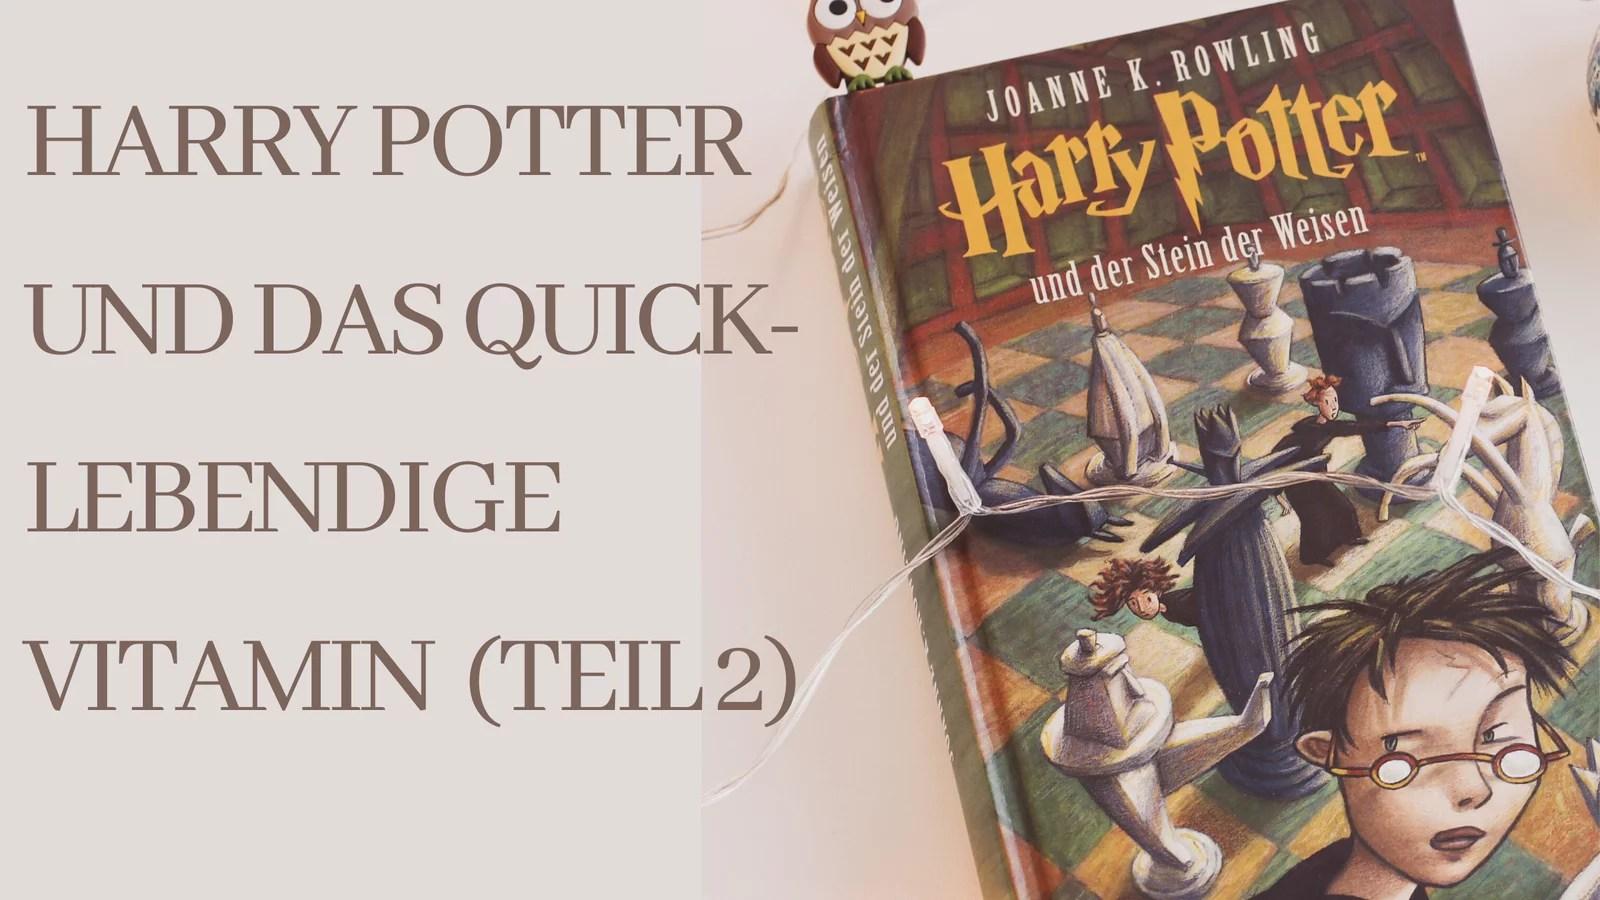 Harry Potter und das quicklebendige Vitamin B12